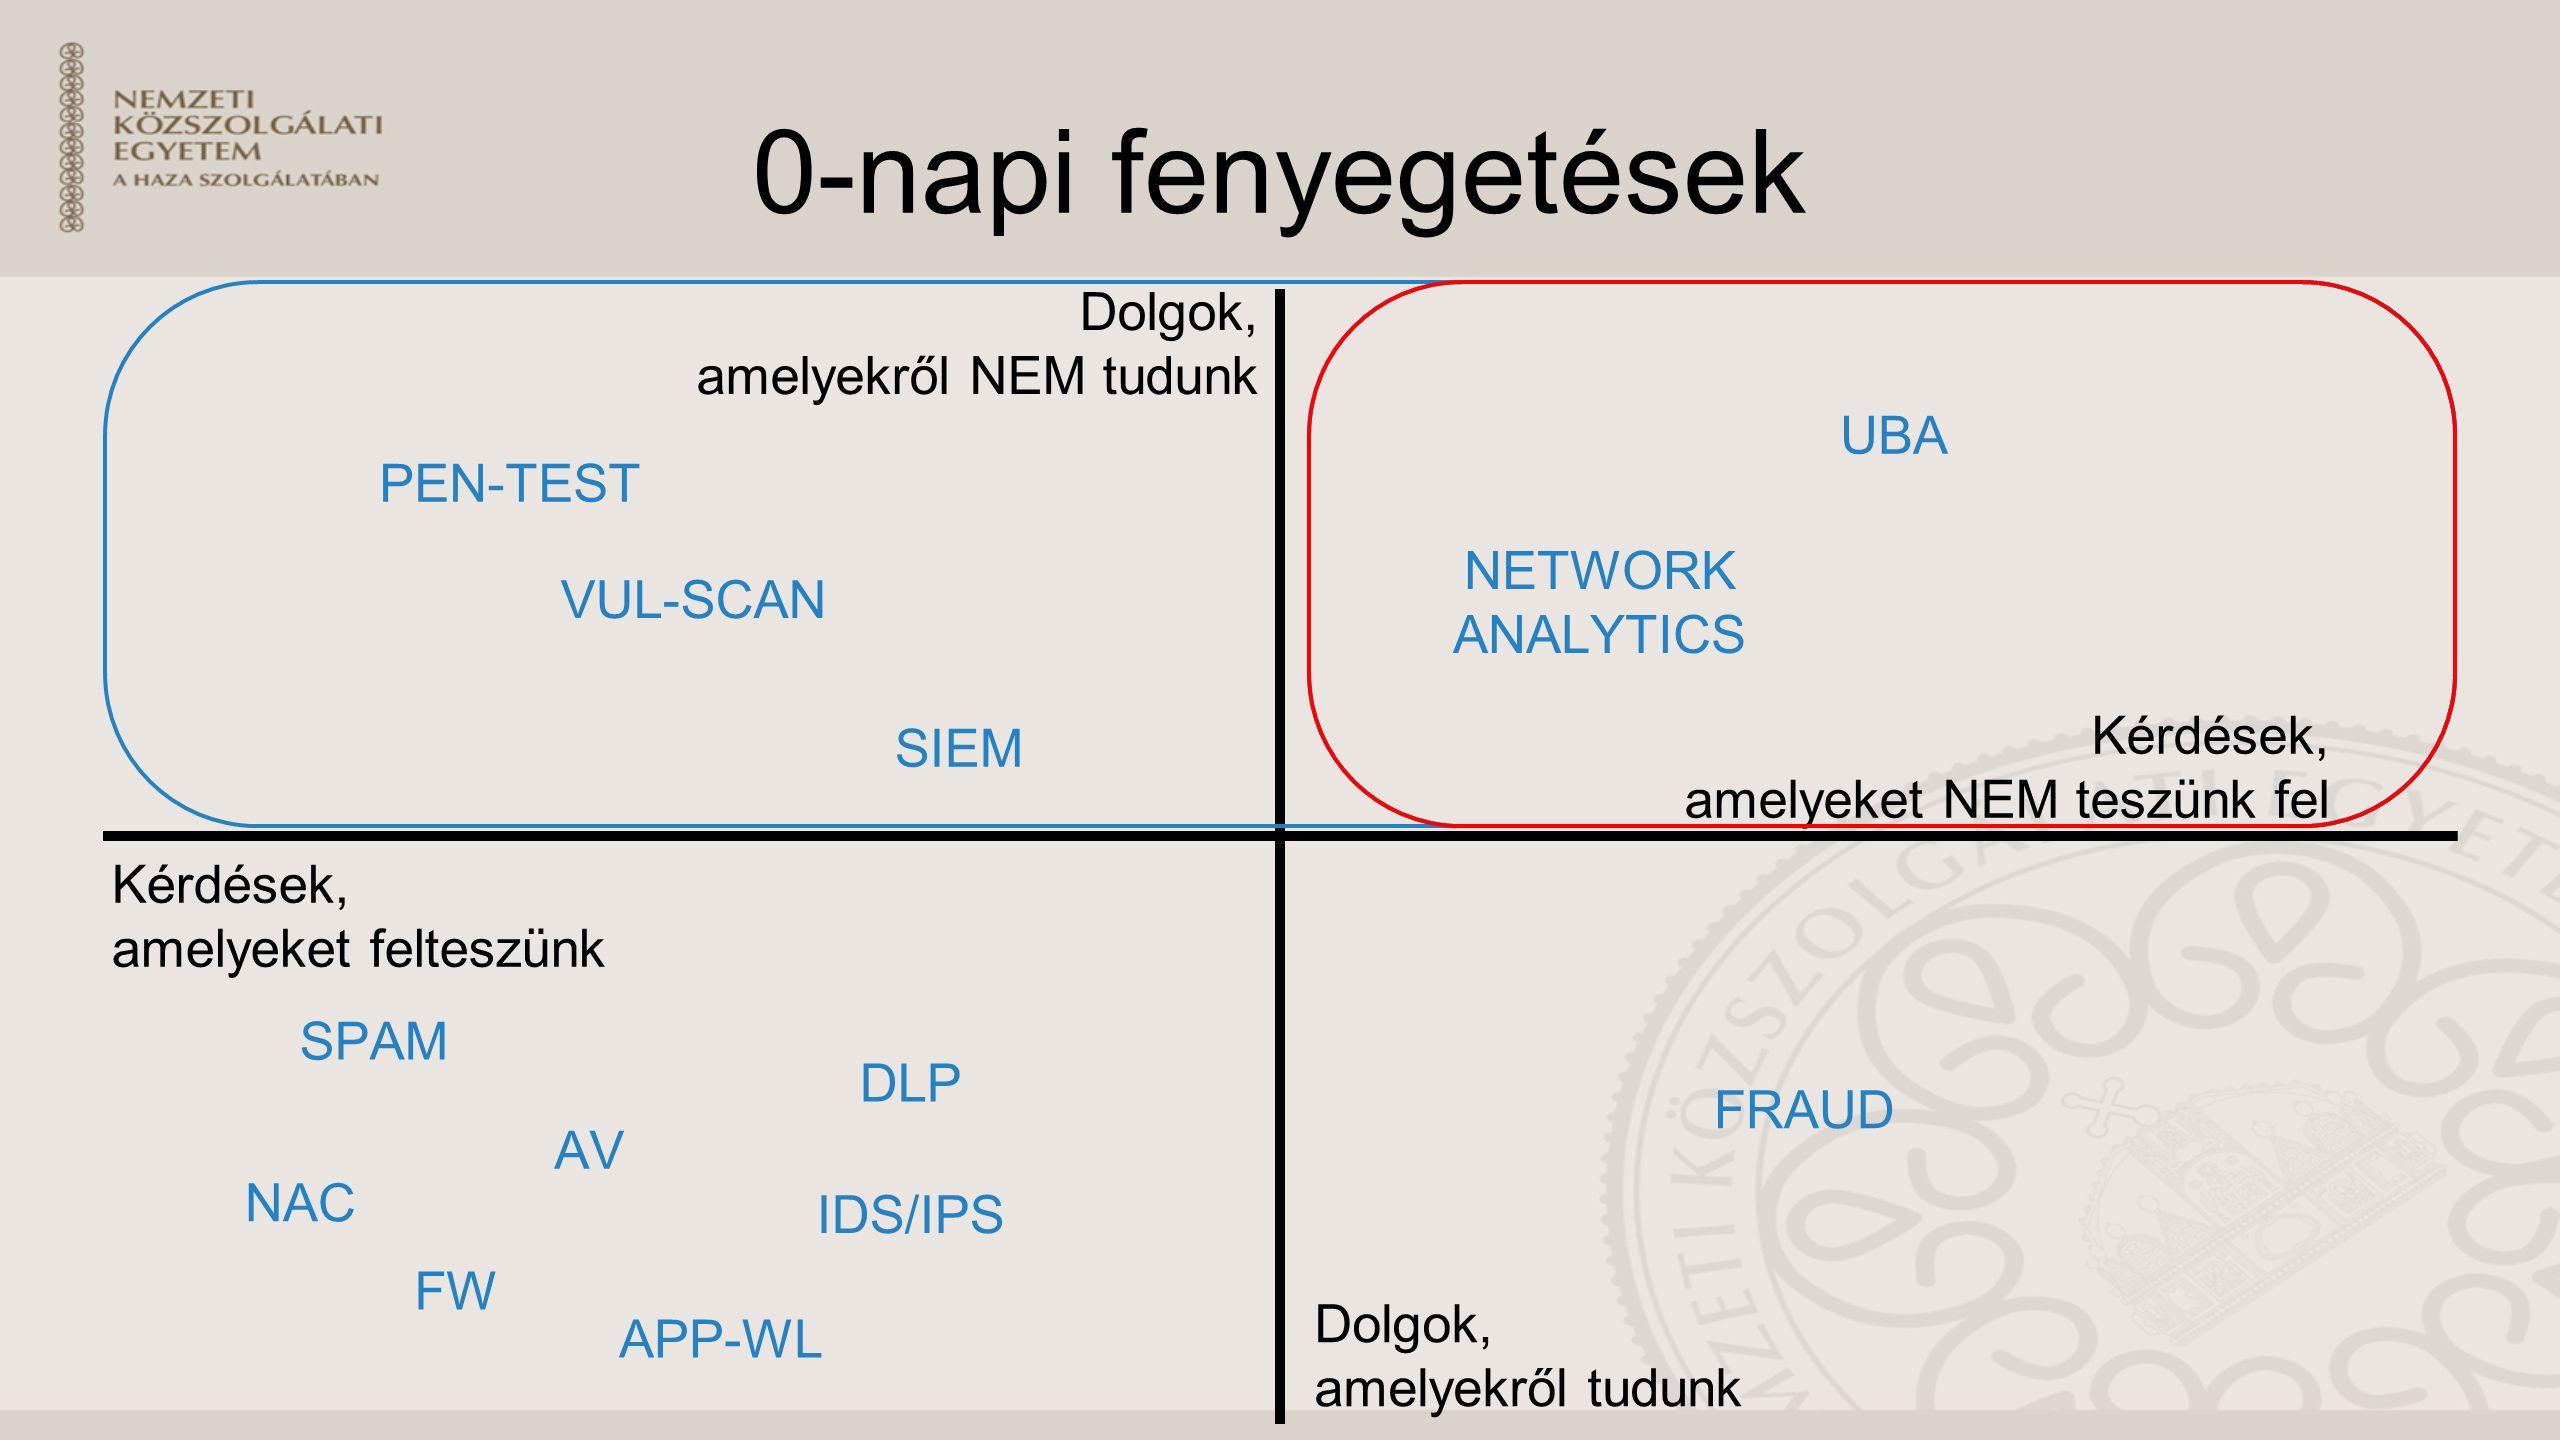 0-napi fenyegetések Dolgok, amelyekről NEM tudunk Dolgok, amelyekről tudunk Kérdések, amelyeket NEM teszünk fel Kérdések, amelyeket felteszünk SIEM VUL-SCAN PEN-TEST SPAM AV NAC FW APP-WL IDS/IPS DLP UBA NETWORK ANALYTICS FRAUD